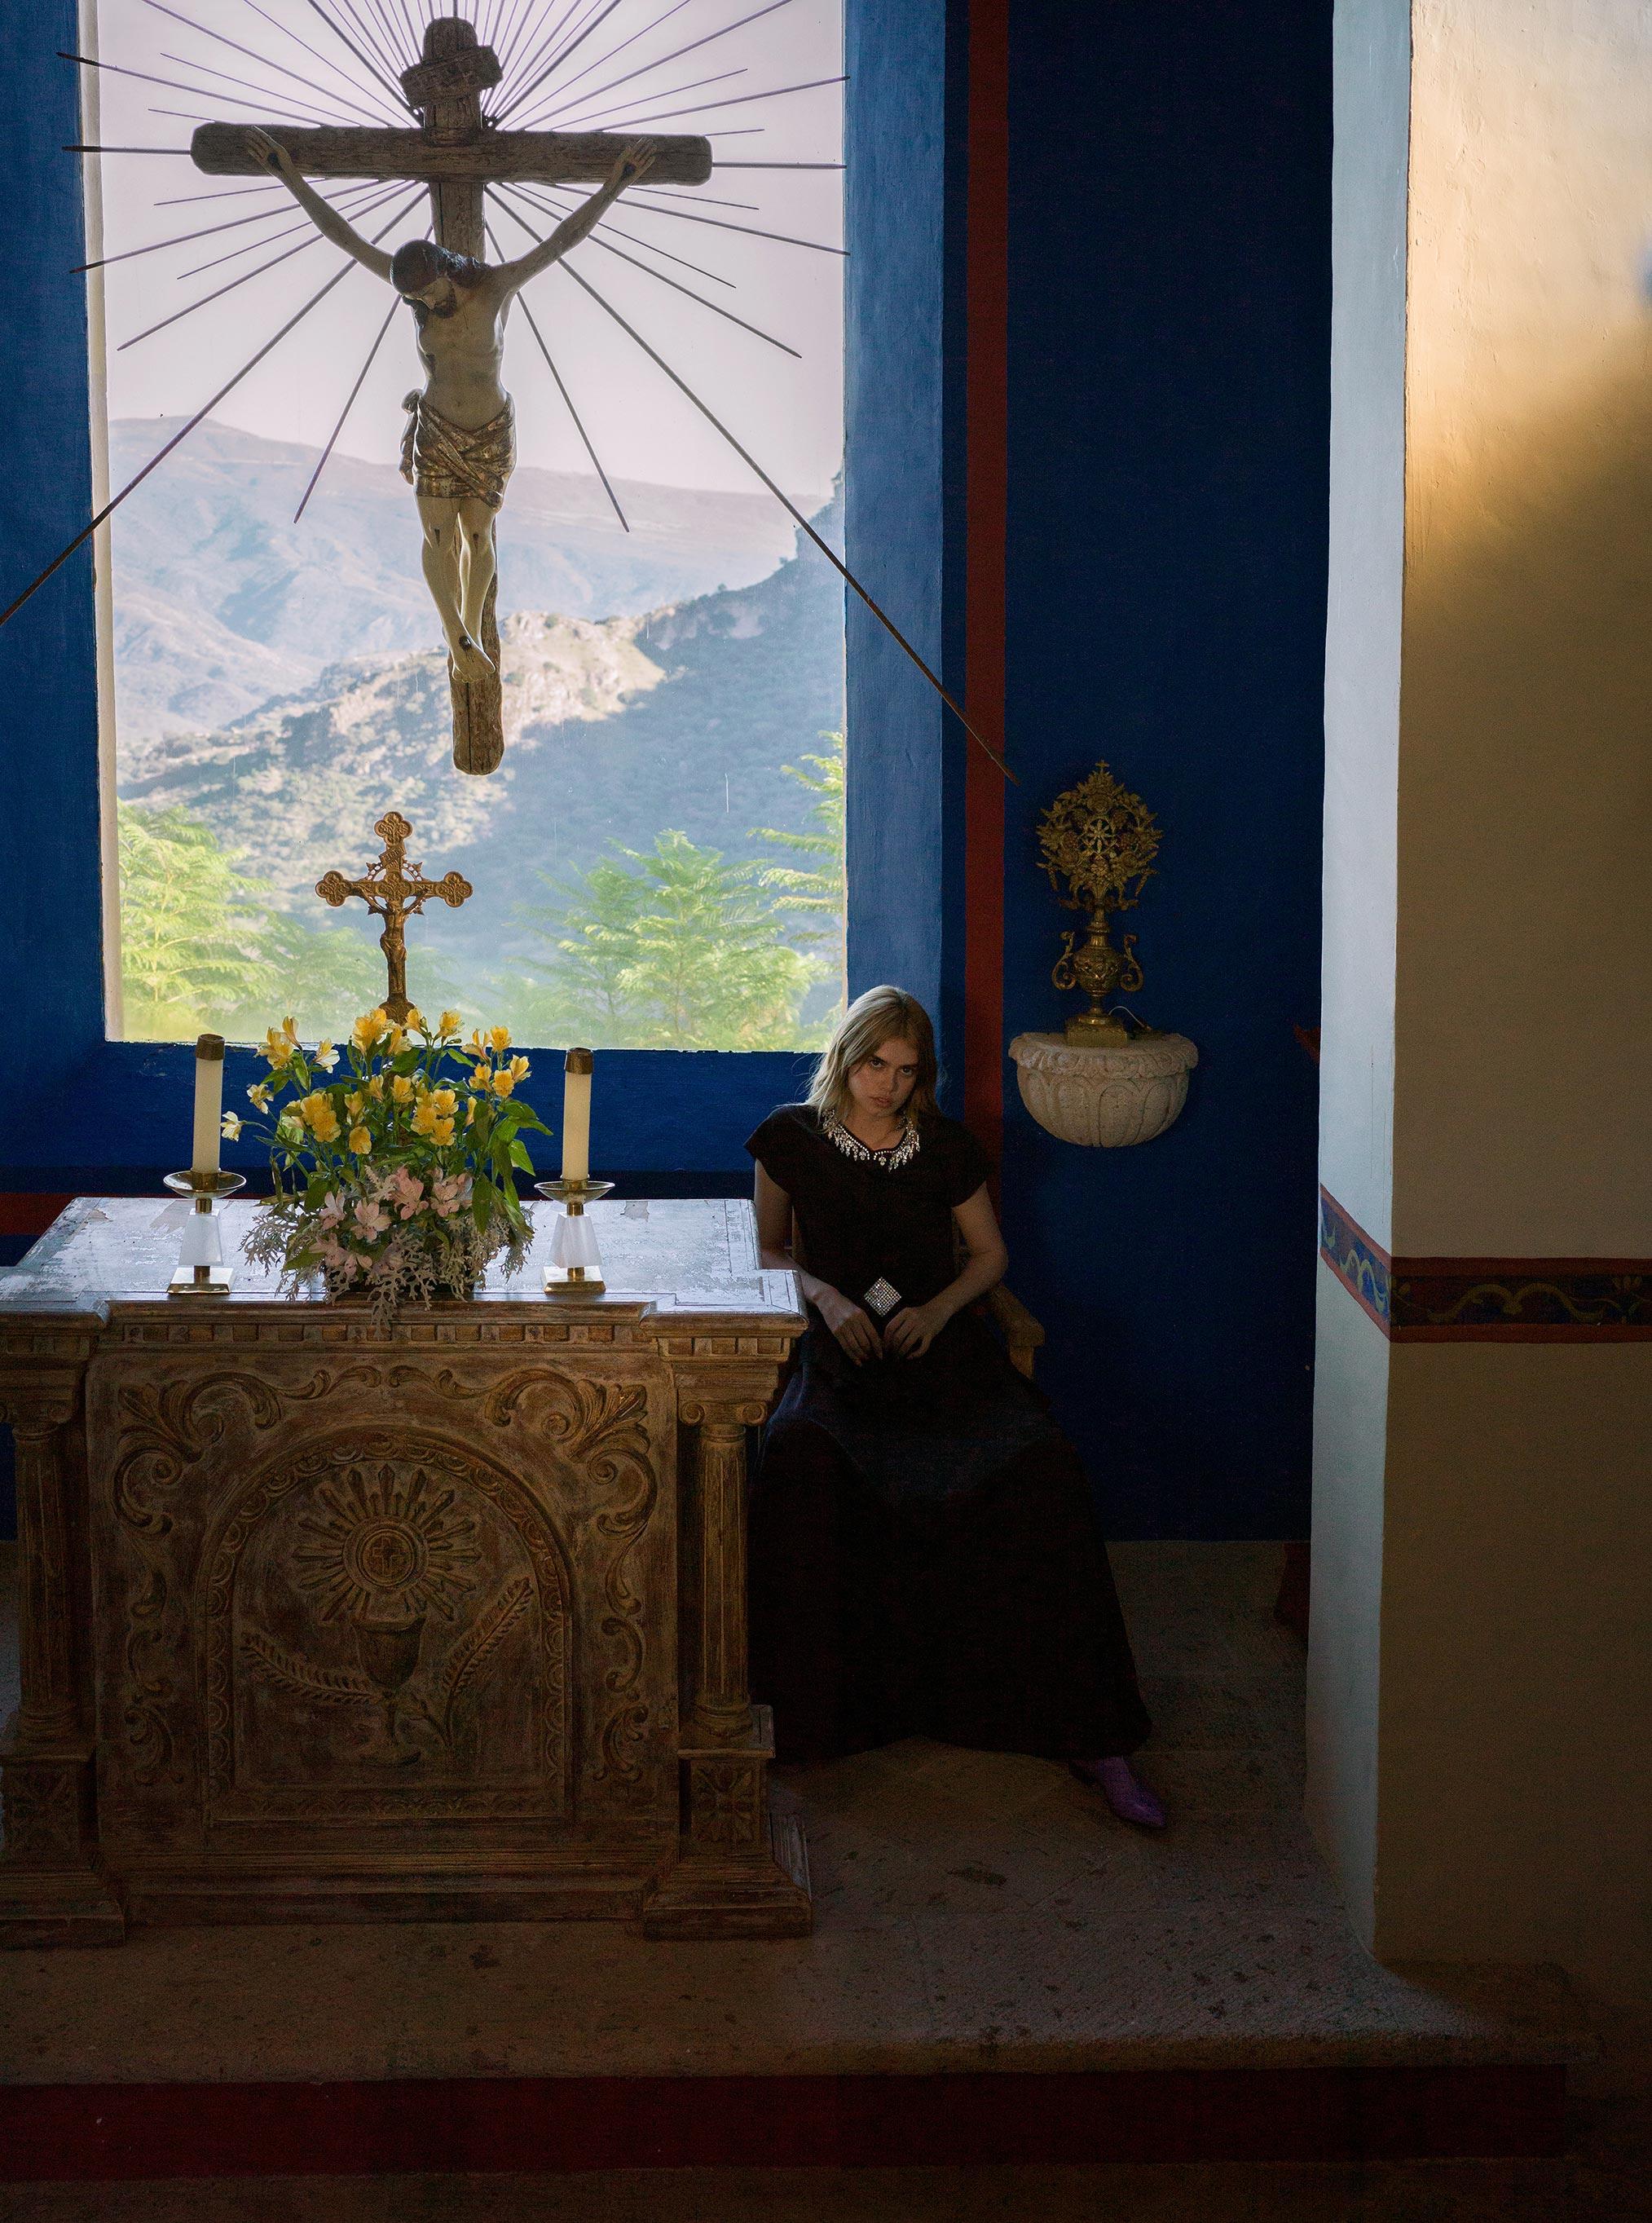 Паола Мендес - съемка в штате Халиско, Мексика / фото 03